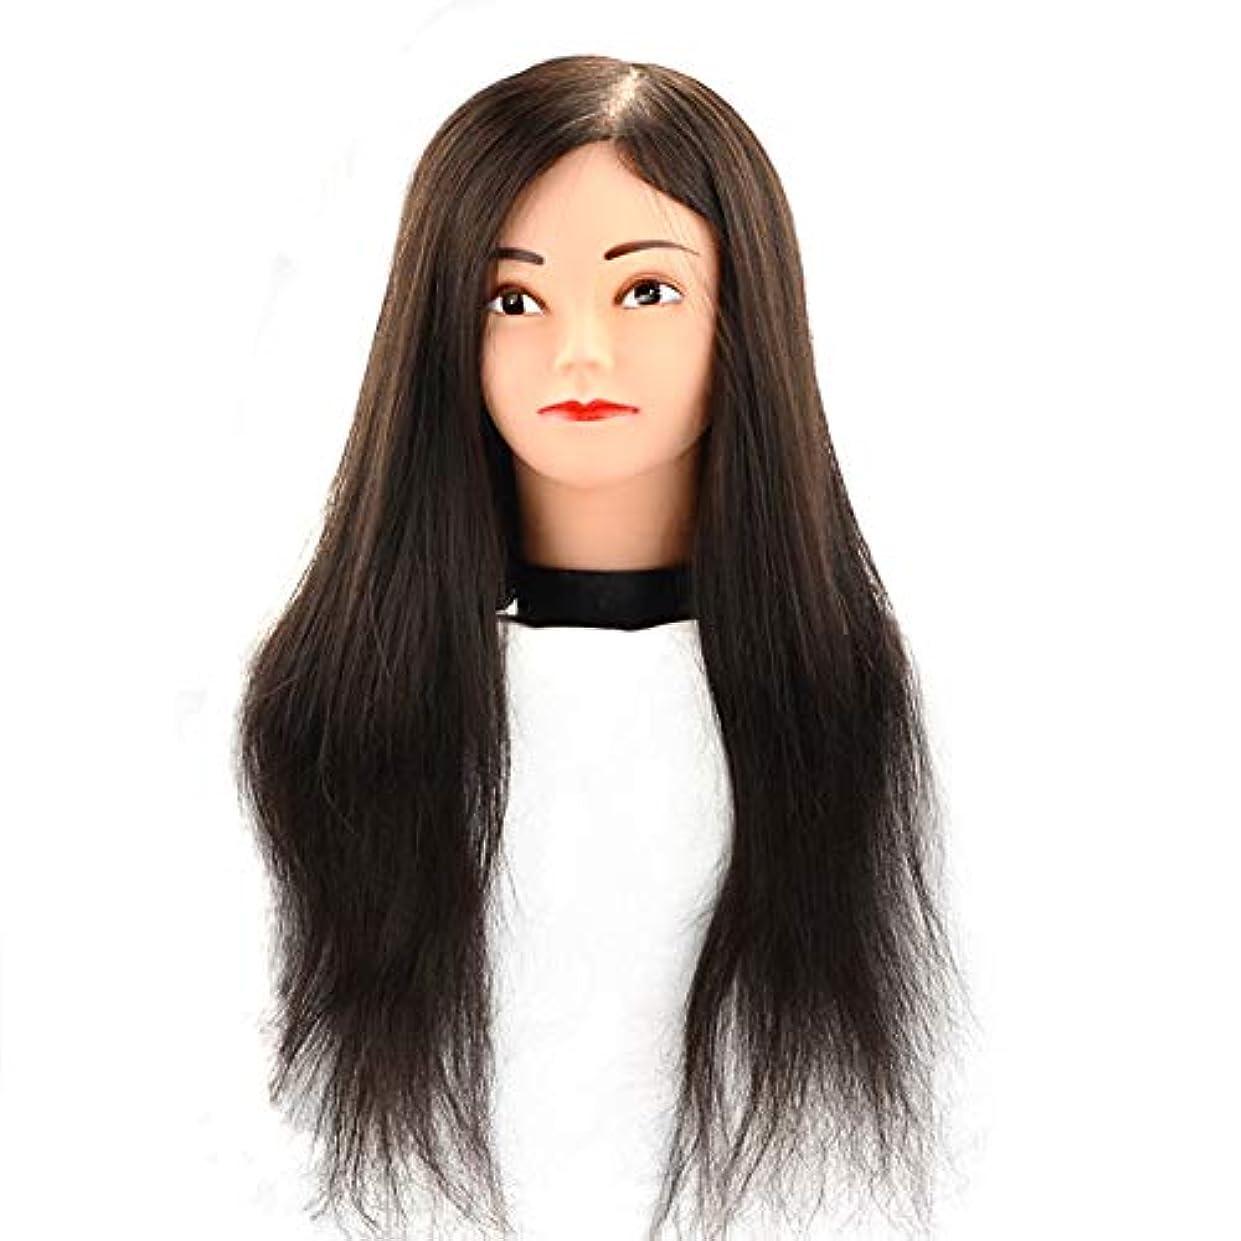 ピューチャンバーとして理髪店パーマ染め髪ダミー練習ヘッド花嫁ディスク髪編組学習ヘッドモデルヘアマネキンヘッド